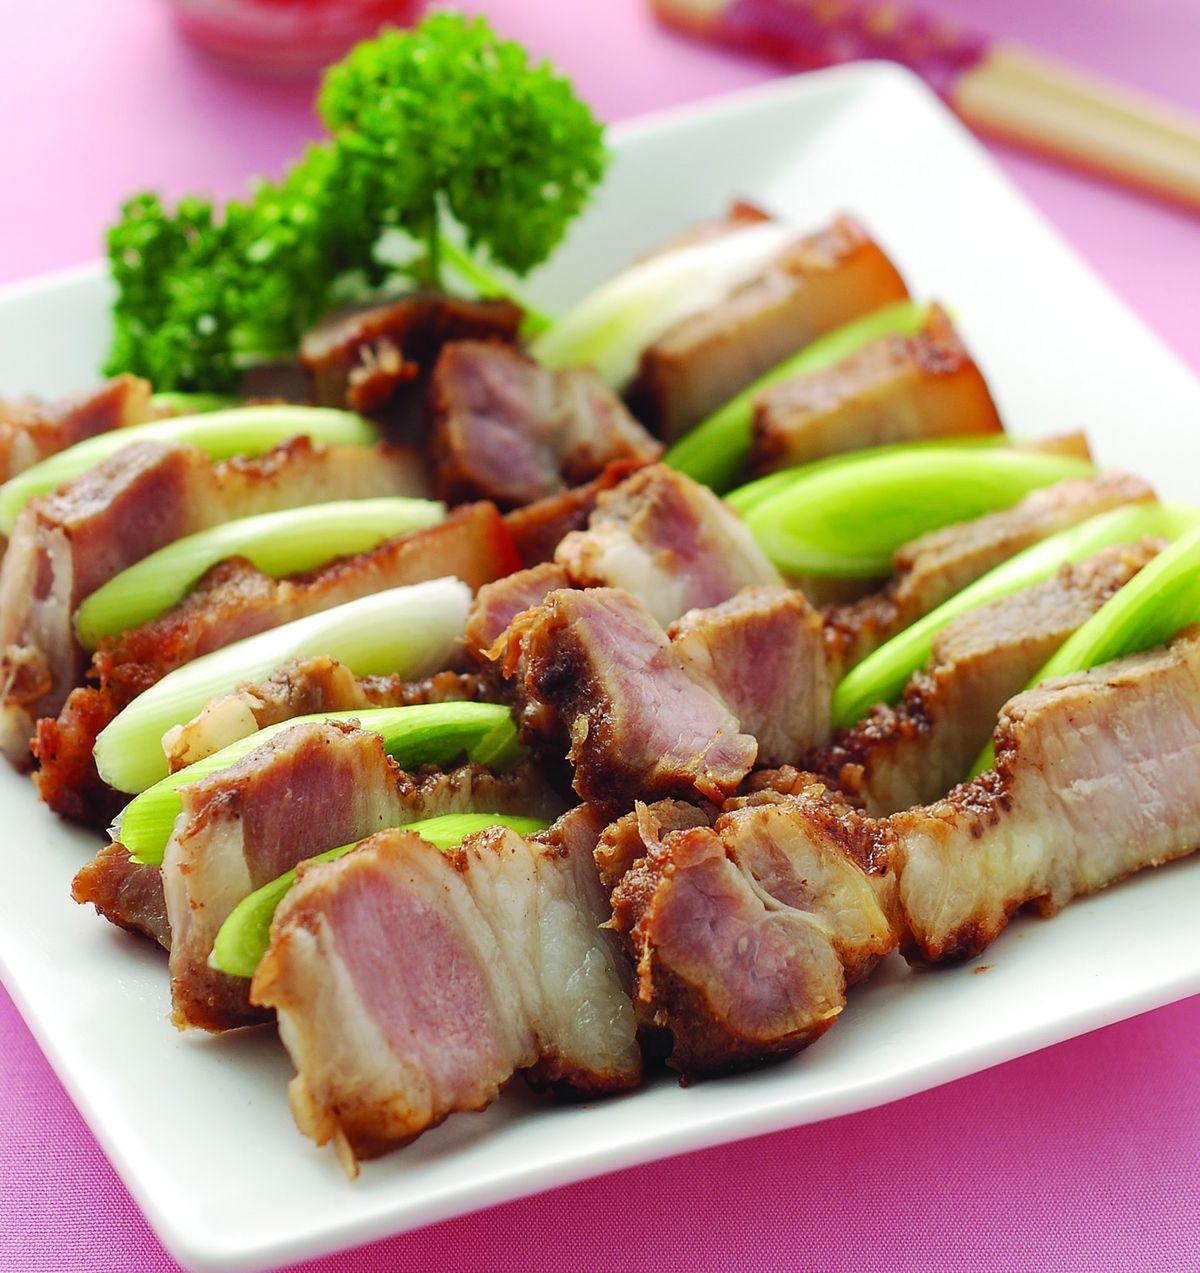 【猪肉】大全咸做法(2):.tw爆炒客家食谱明虾家常做法大全集图片